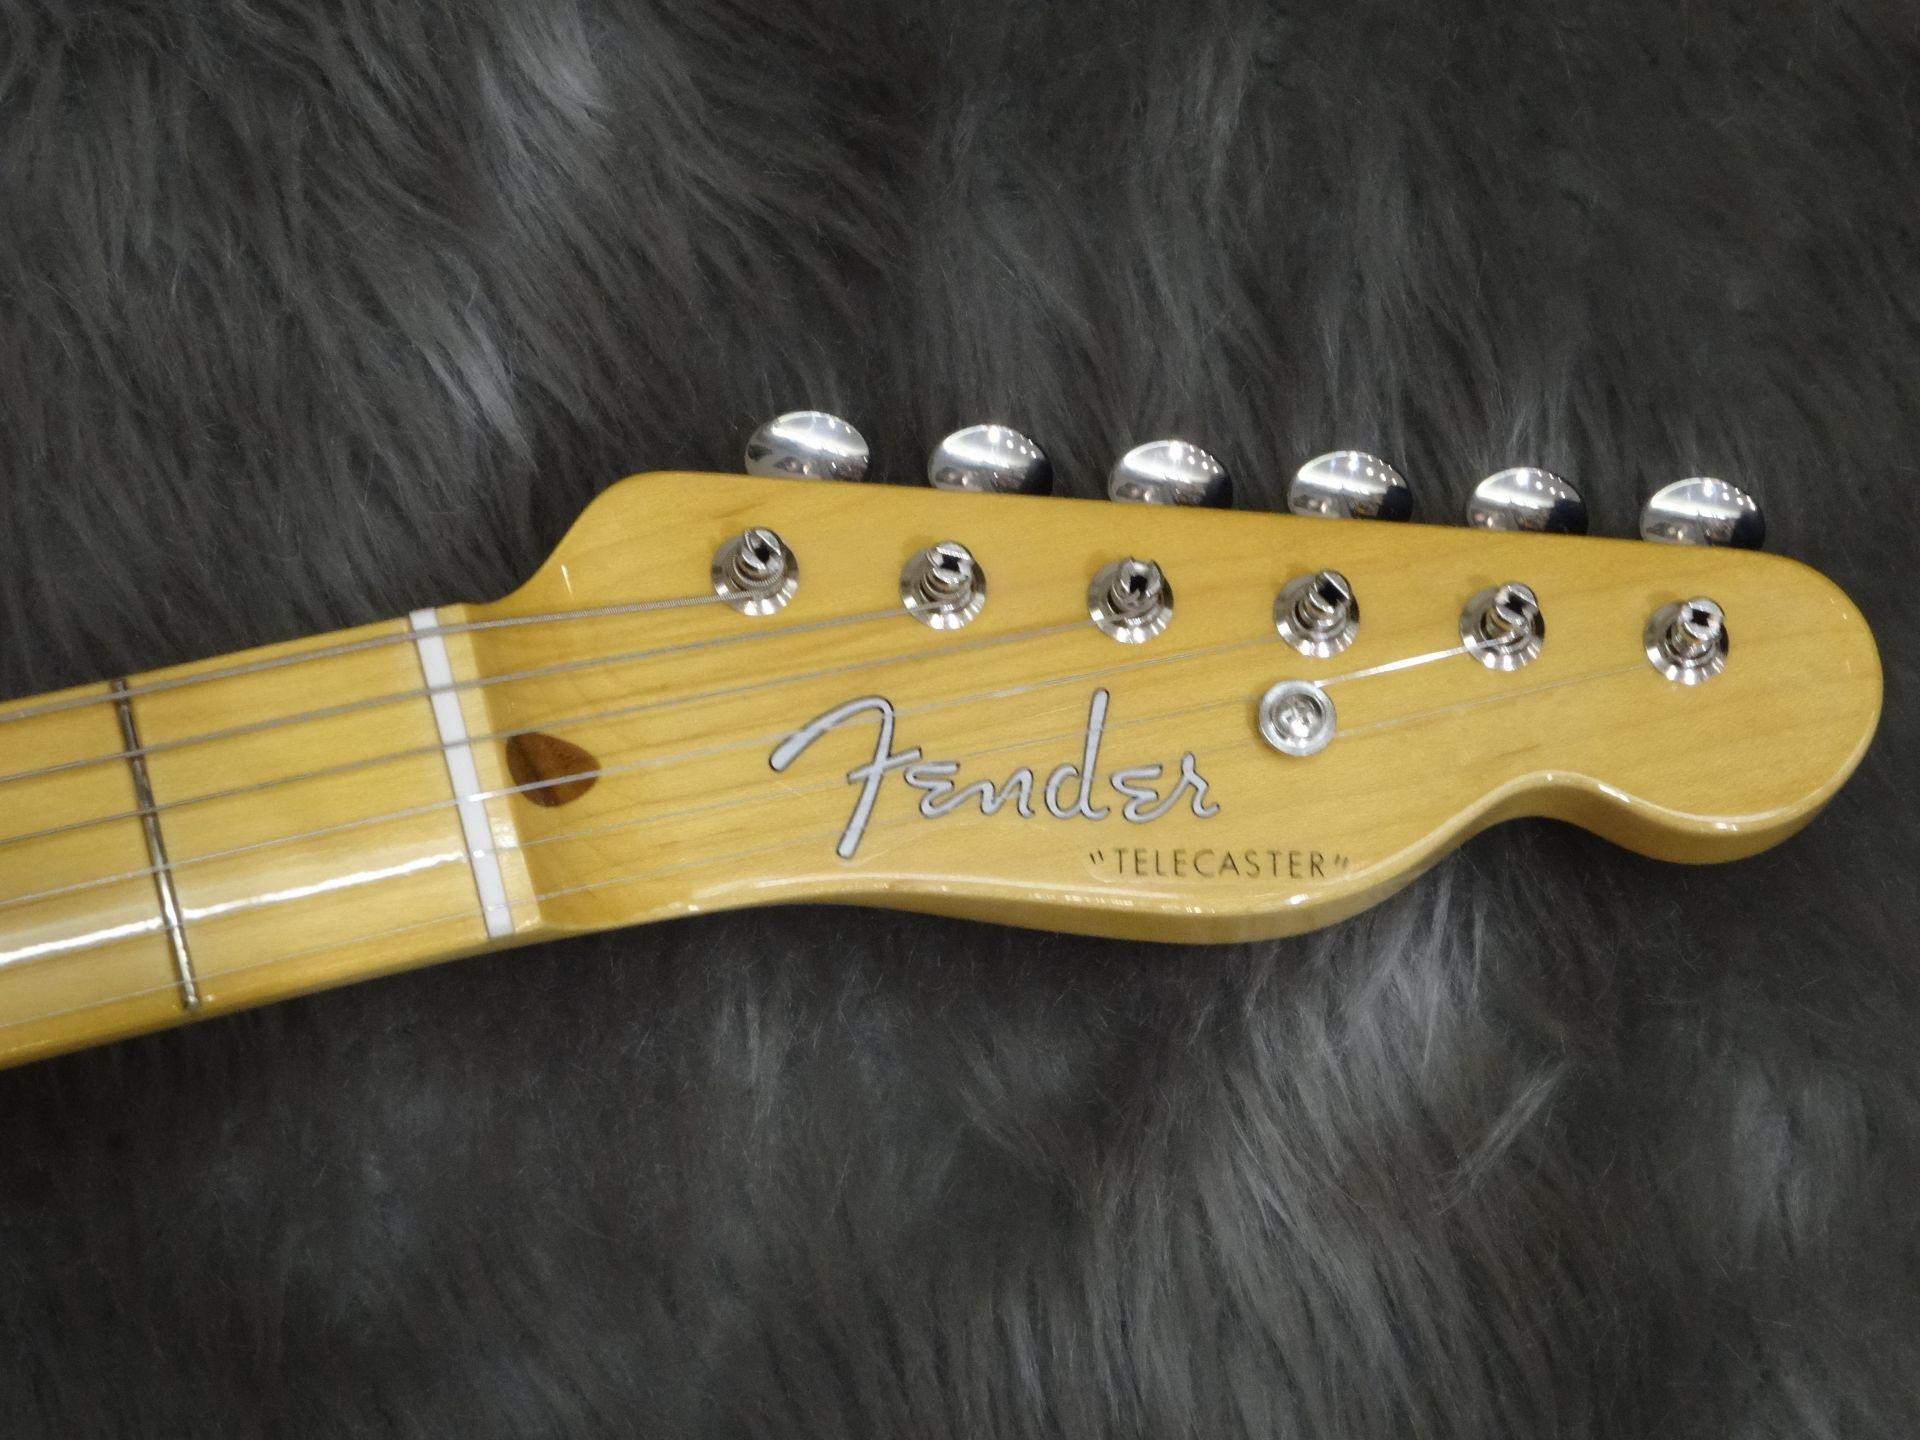 TRAD 50S TELE Fenderのヘッド画像